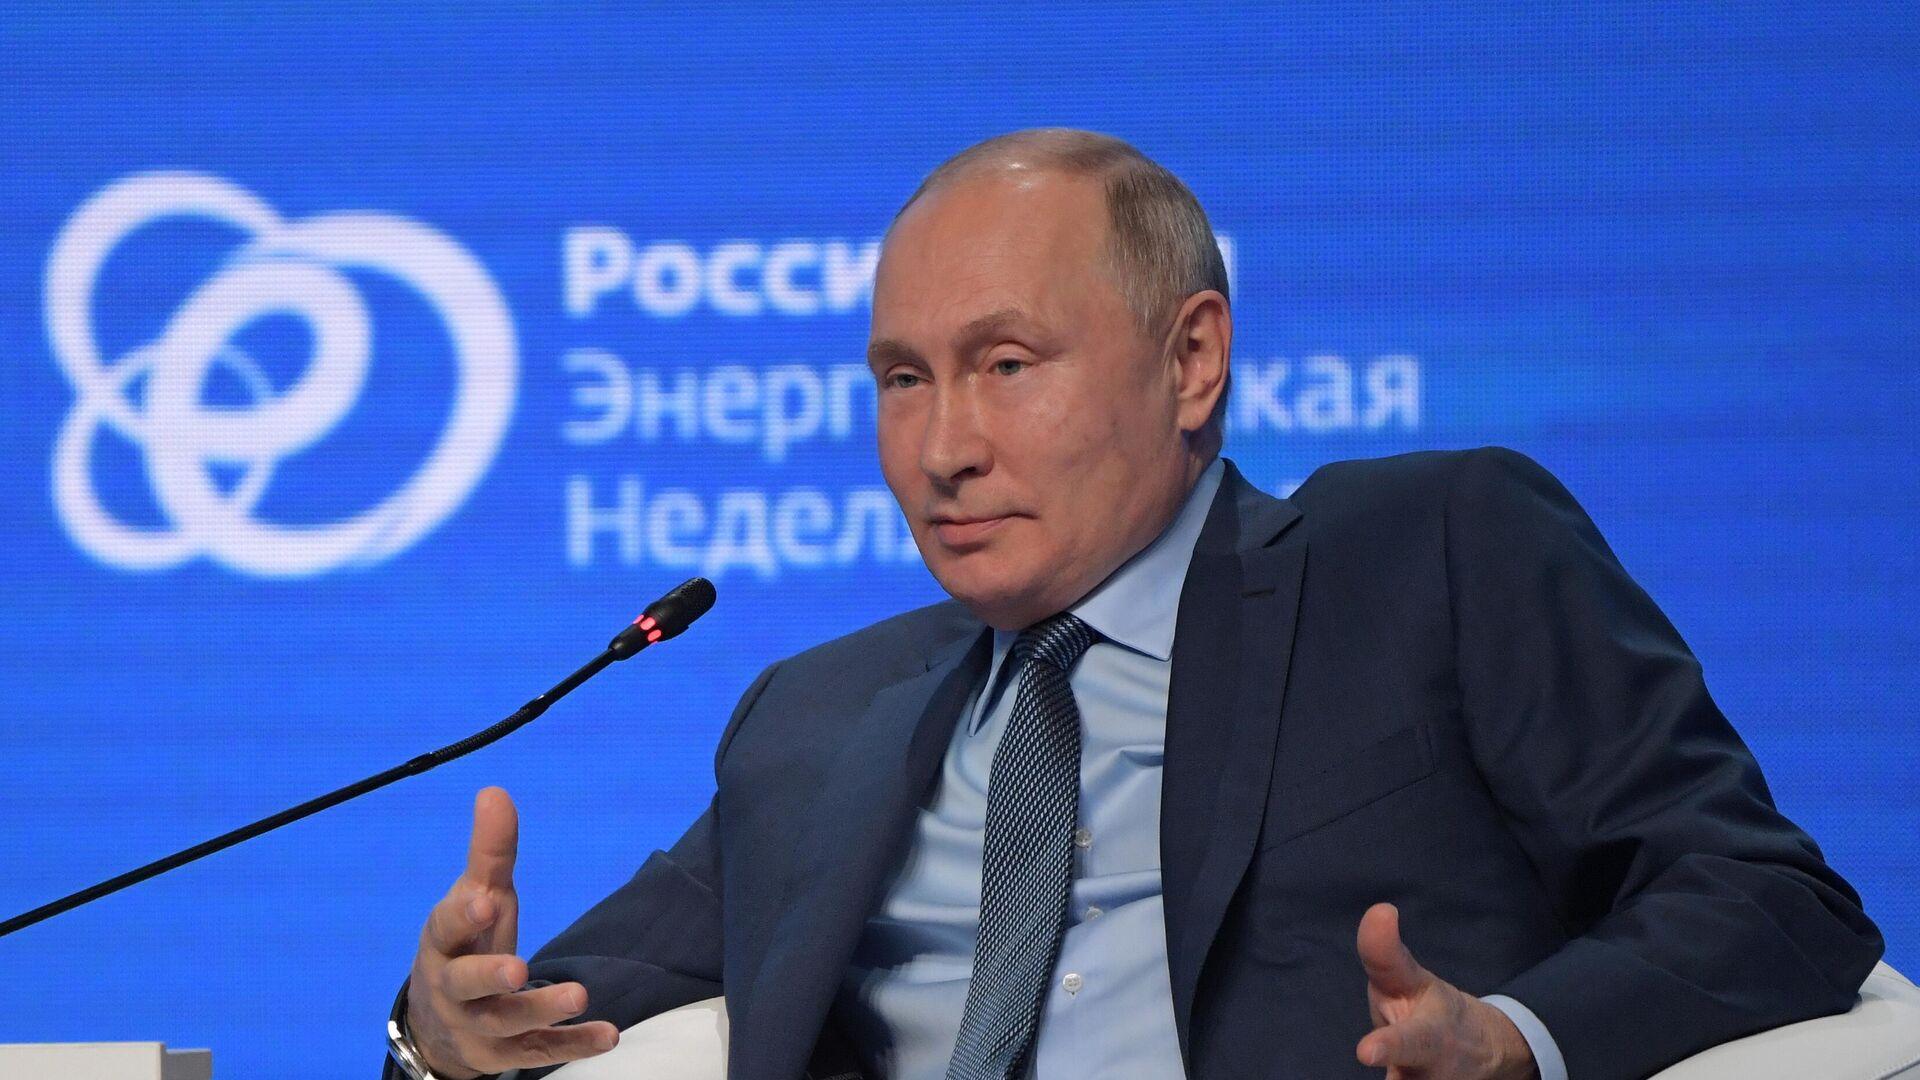 Президент РФ В. Путин принял участие в пленарном заседании форума Российская энергетическая неделя - Sputnik Армения, 1920, 13.10.2021